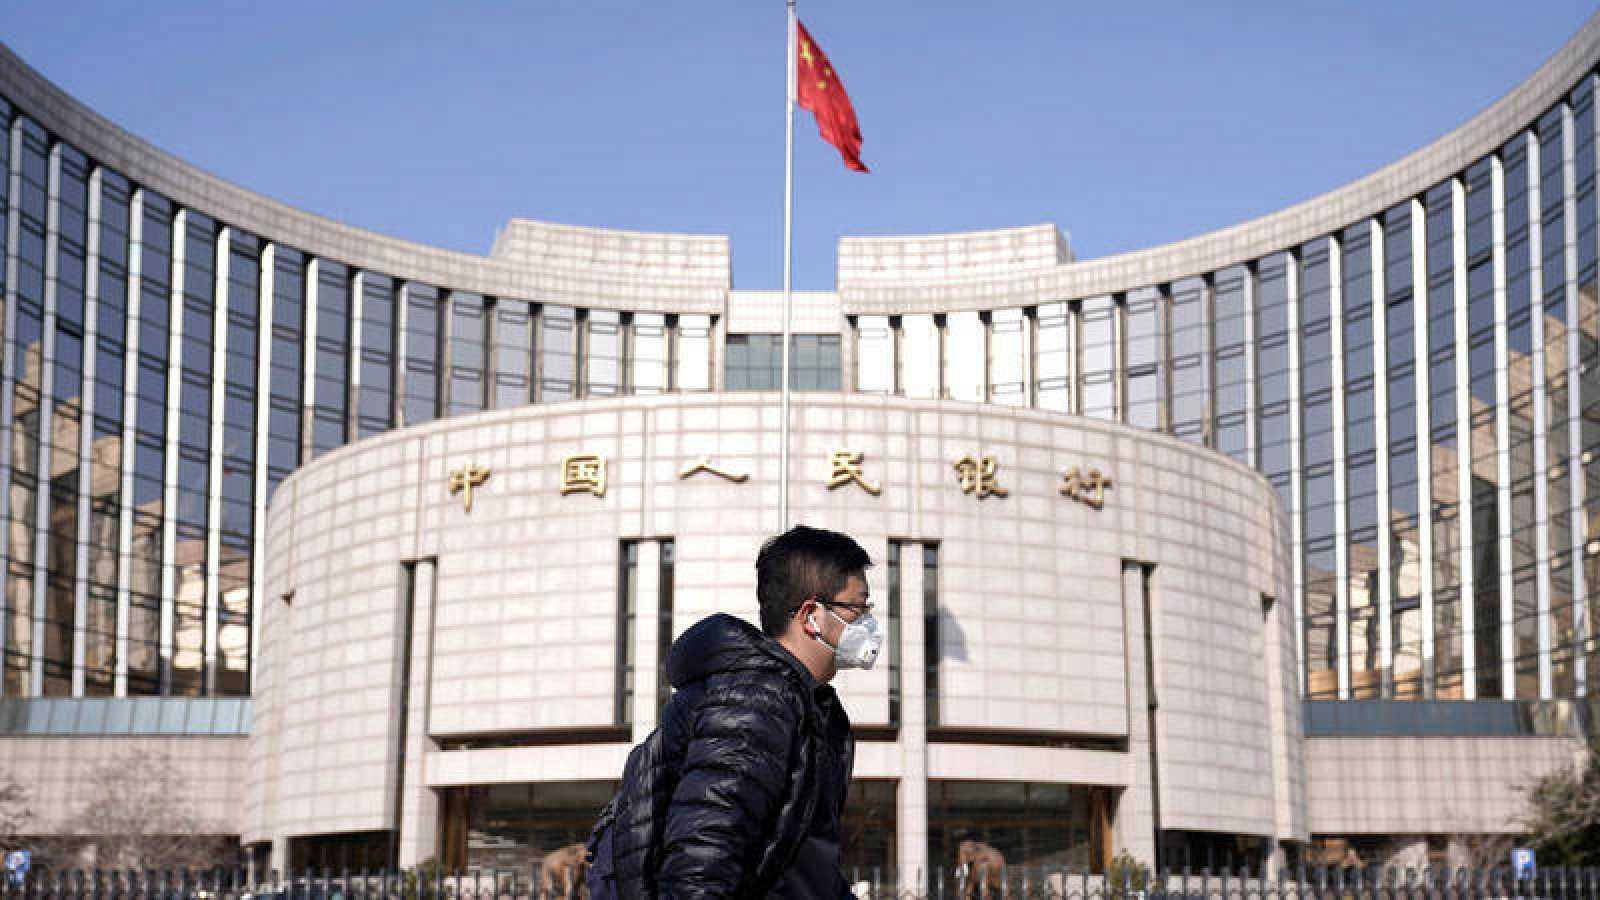 El banco central chino inyecta 1,2 billones de yuanes para sostener los mercados